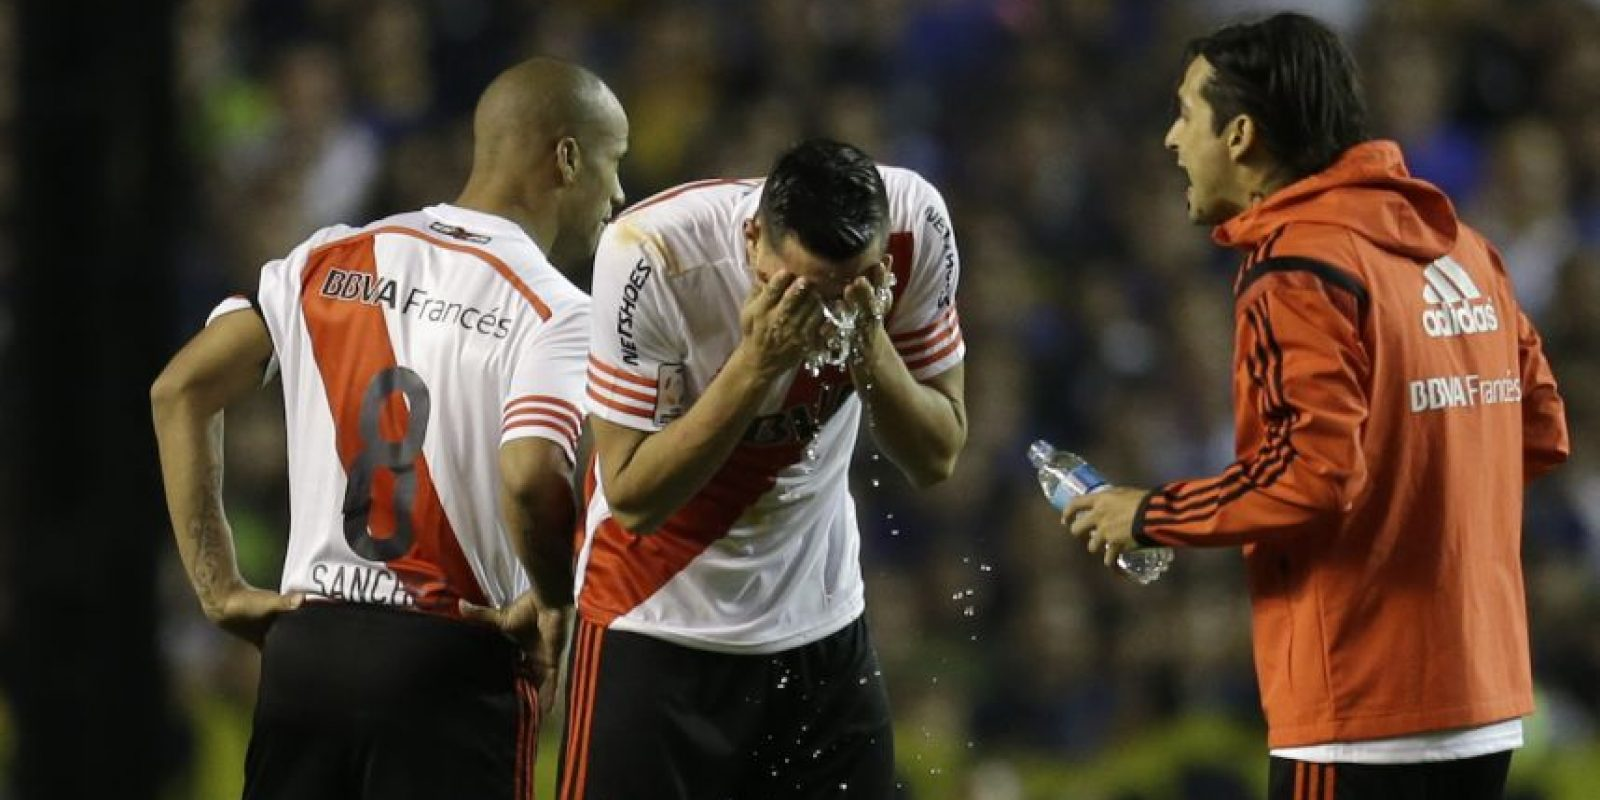 Las posibles sanciones o castigos para Boca Juniors no se han dado a conocer, ni la fecha y sede en que el partido se reanudará, o si se le dará la victoria a River Plate. Foto:AFP